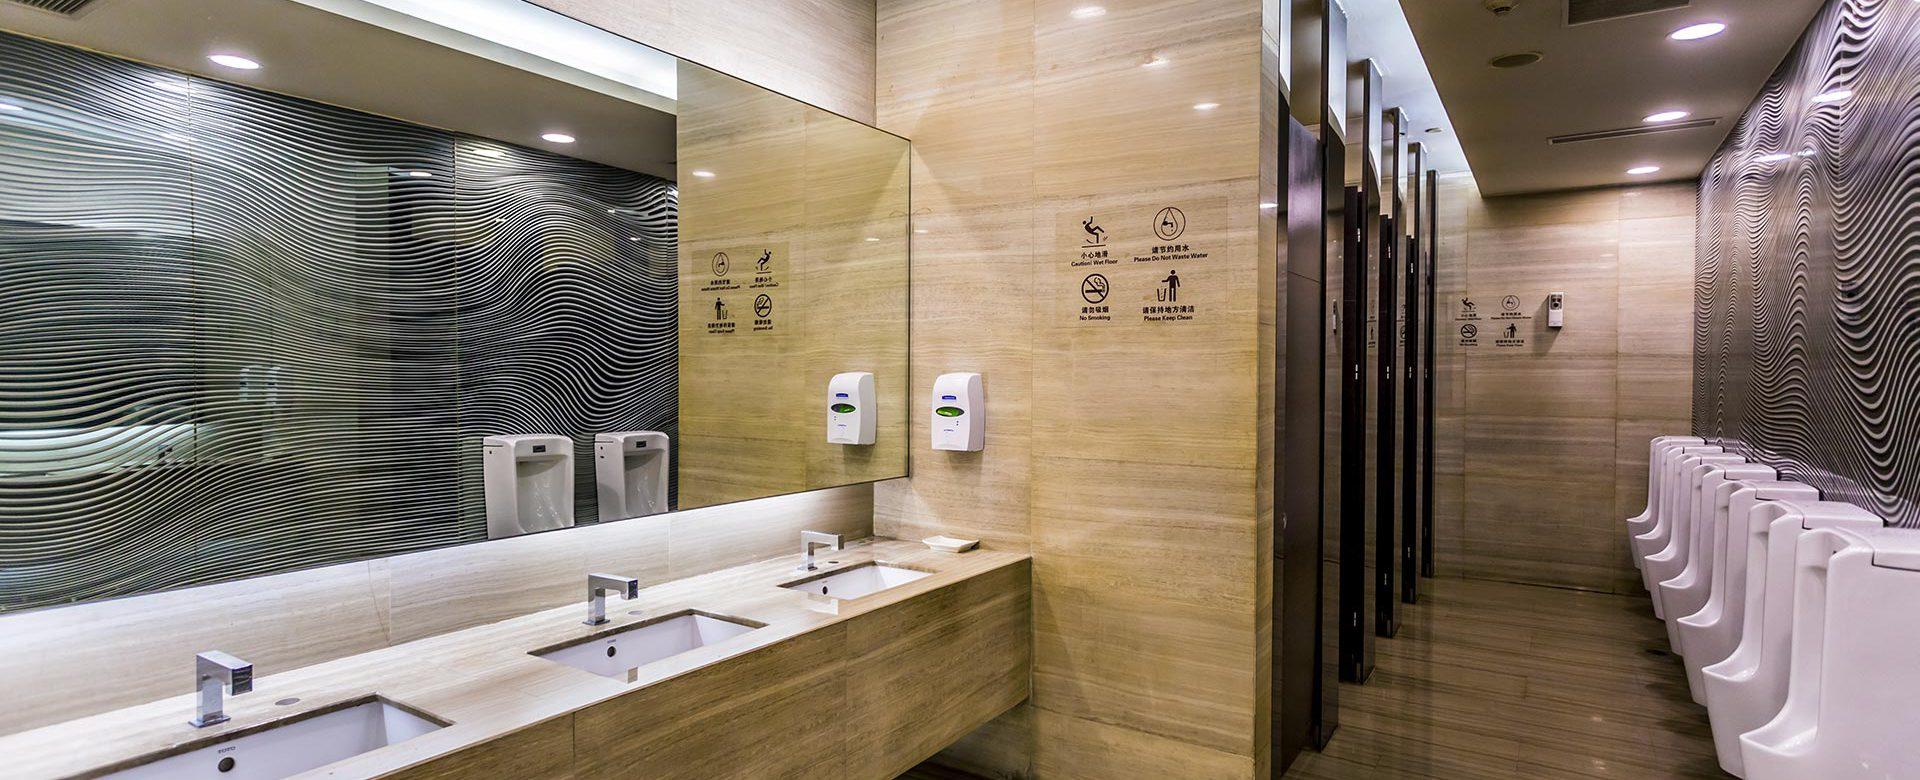 Bordeaux Services et Propreté - Prestations associées, fournitures sanitaires